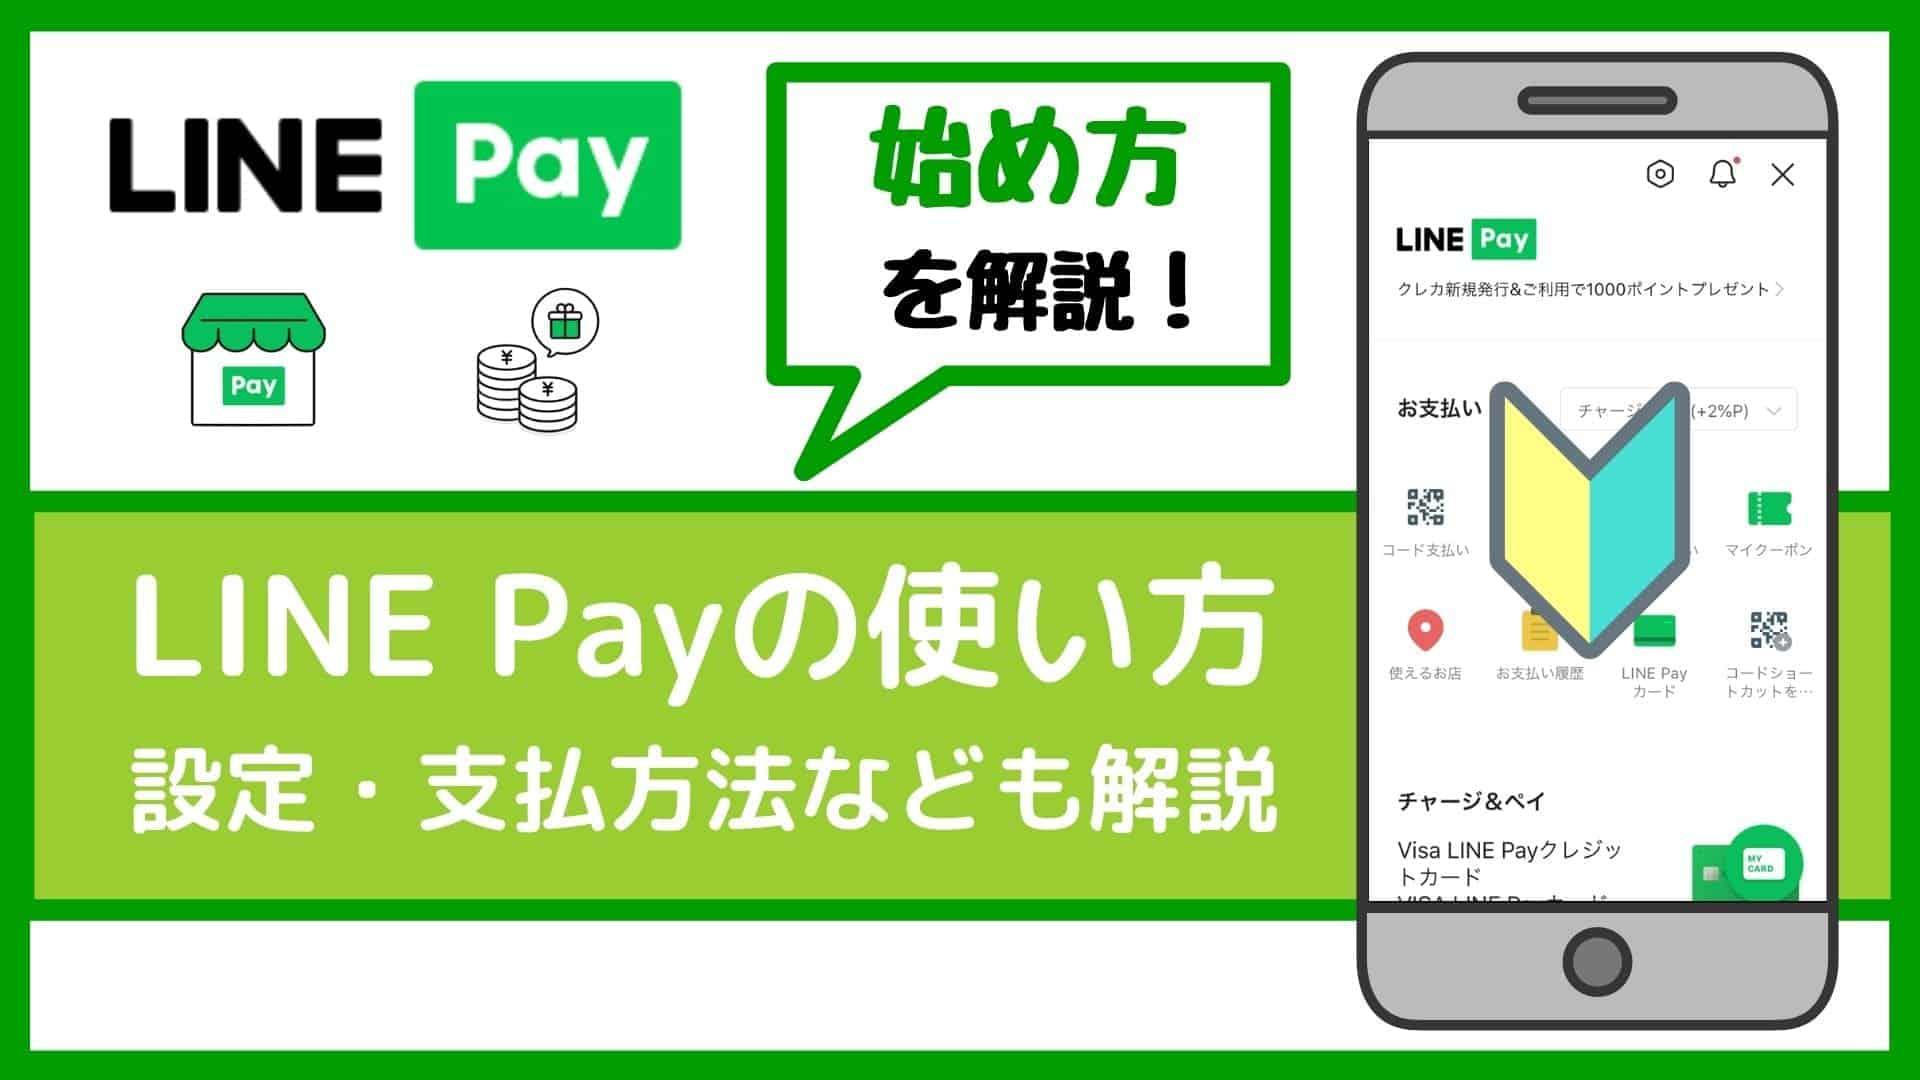 【LINE Payの使い方】チャージ・支払い方法などラインペイの始め方・お得な使い方を徹底解説